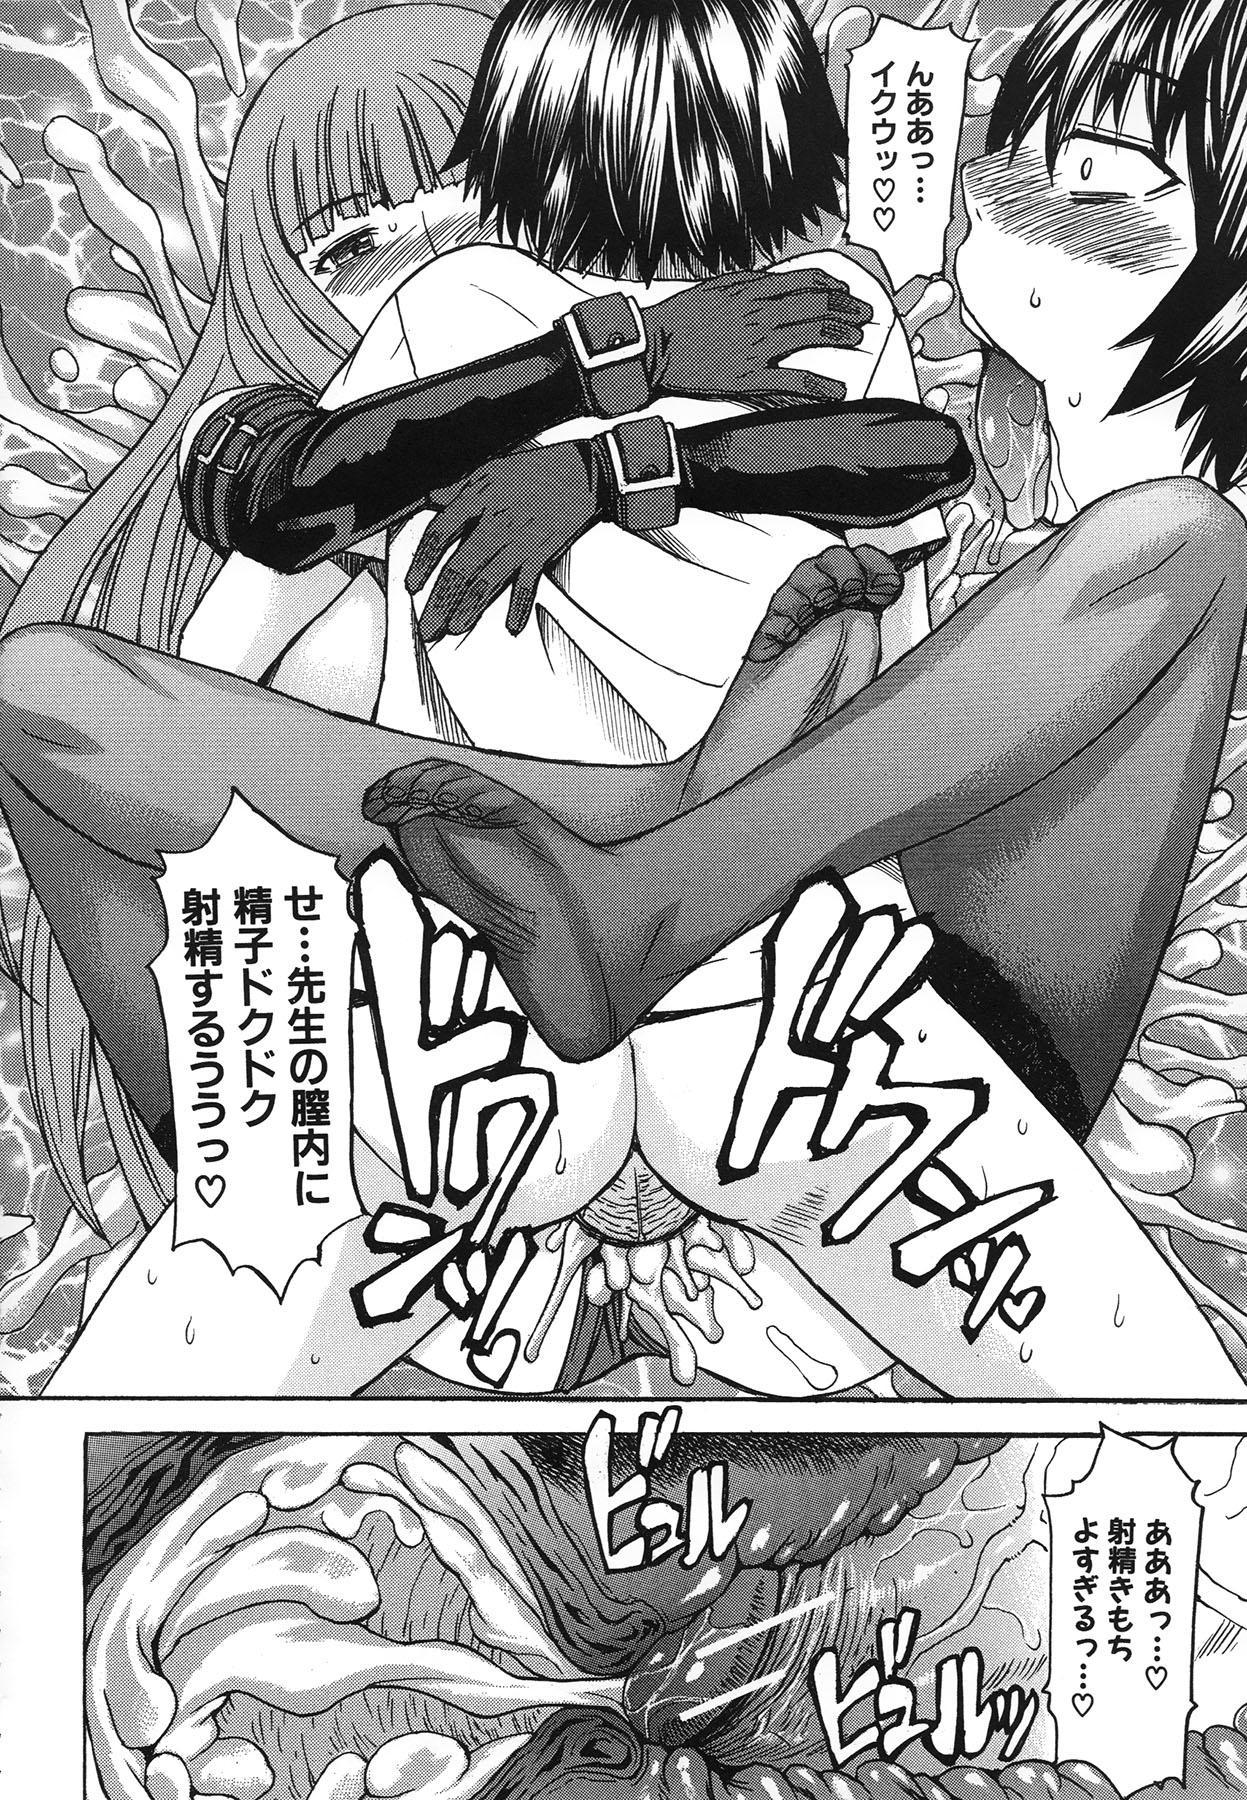 Ashigami 113